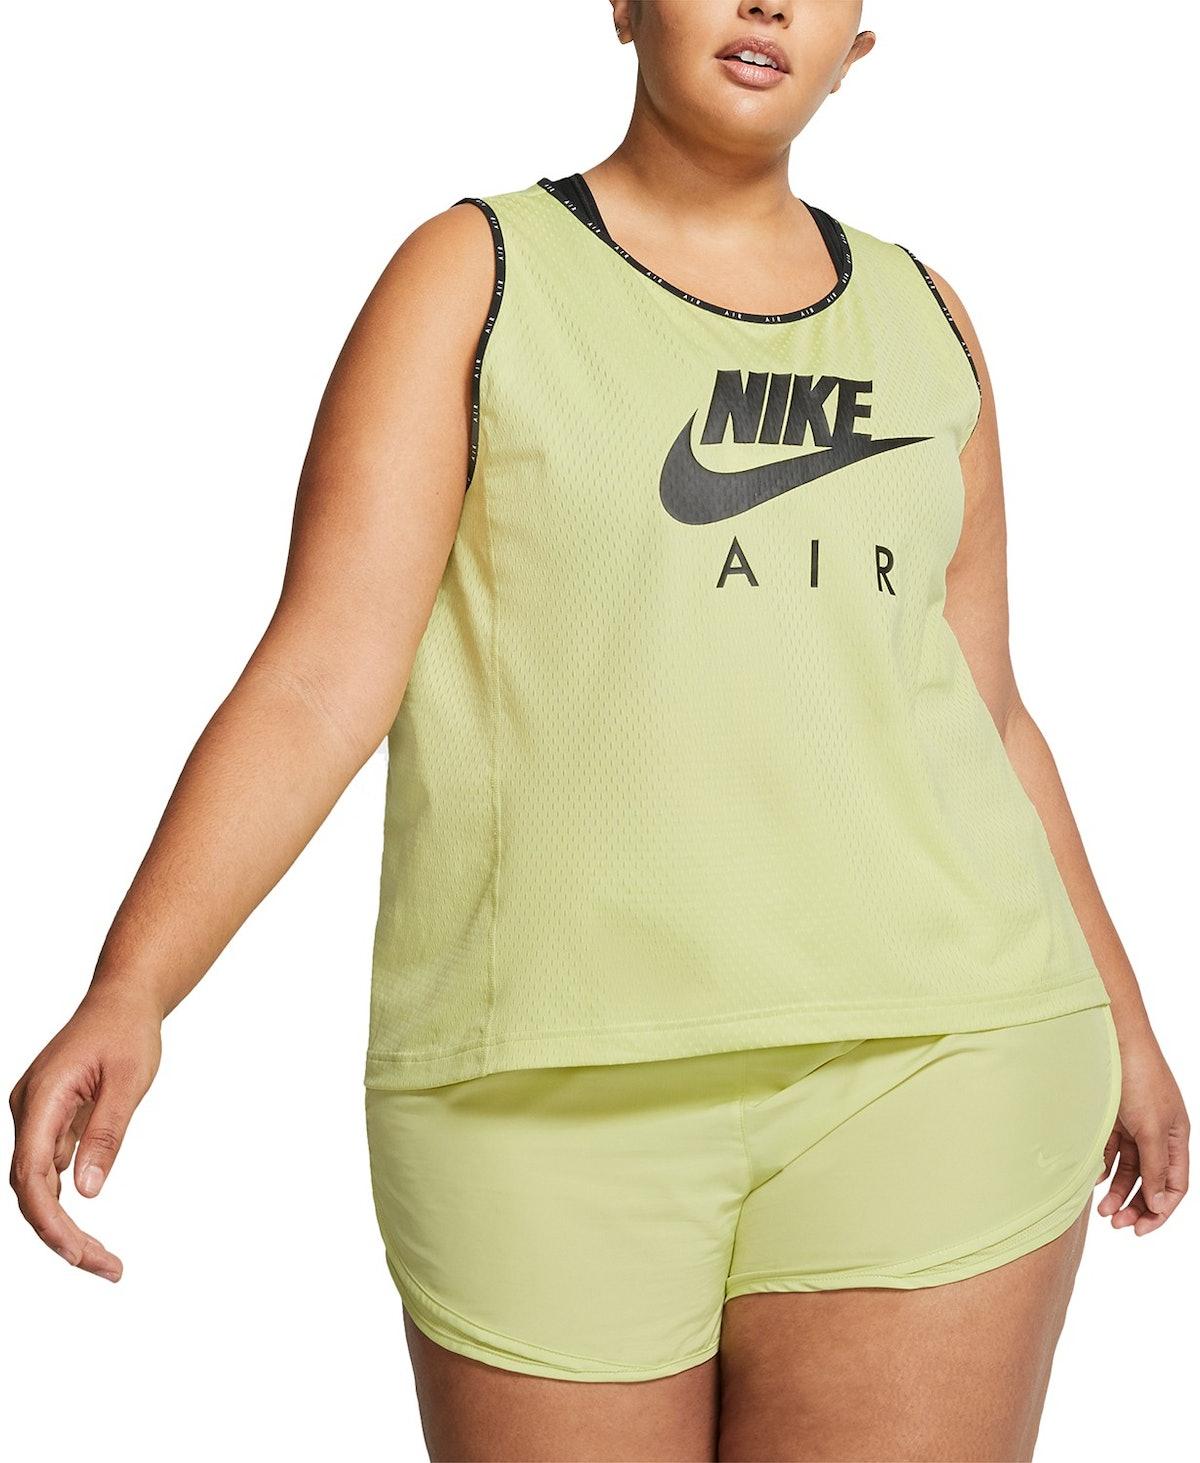 Nike Plus Size Air Running Tank Top